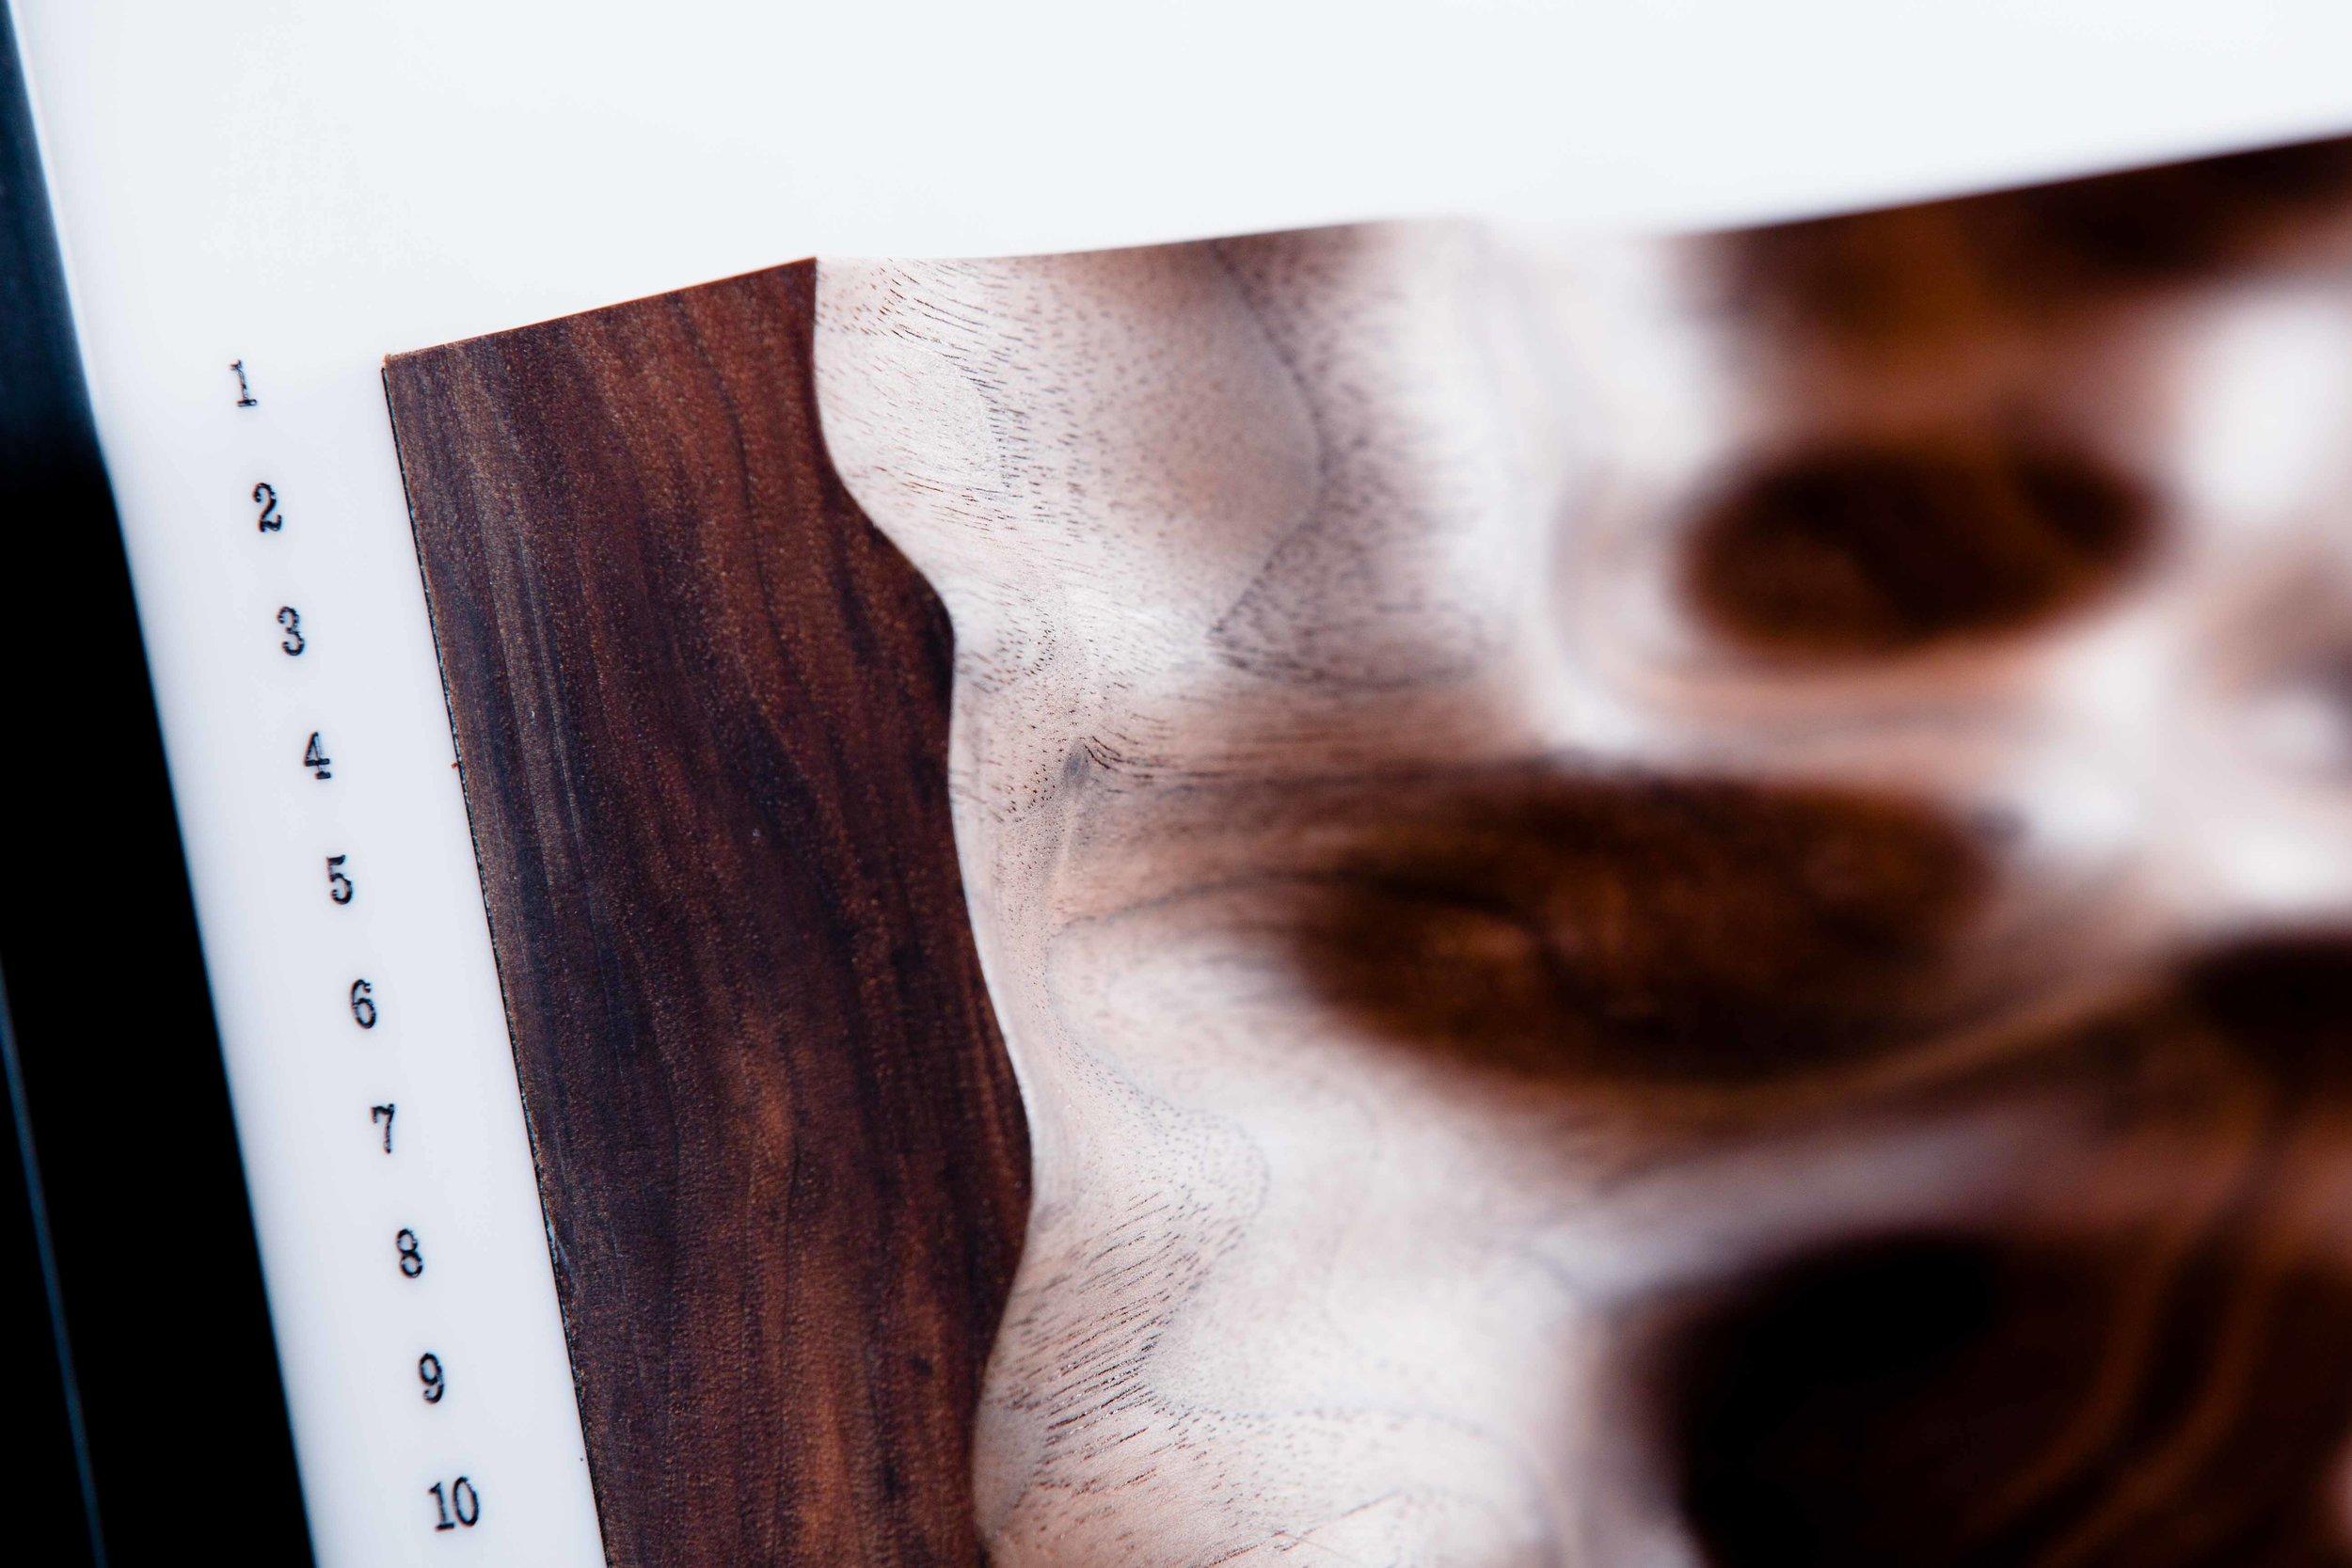 tangible data photo 11 - elias pfuner